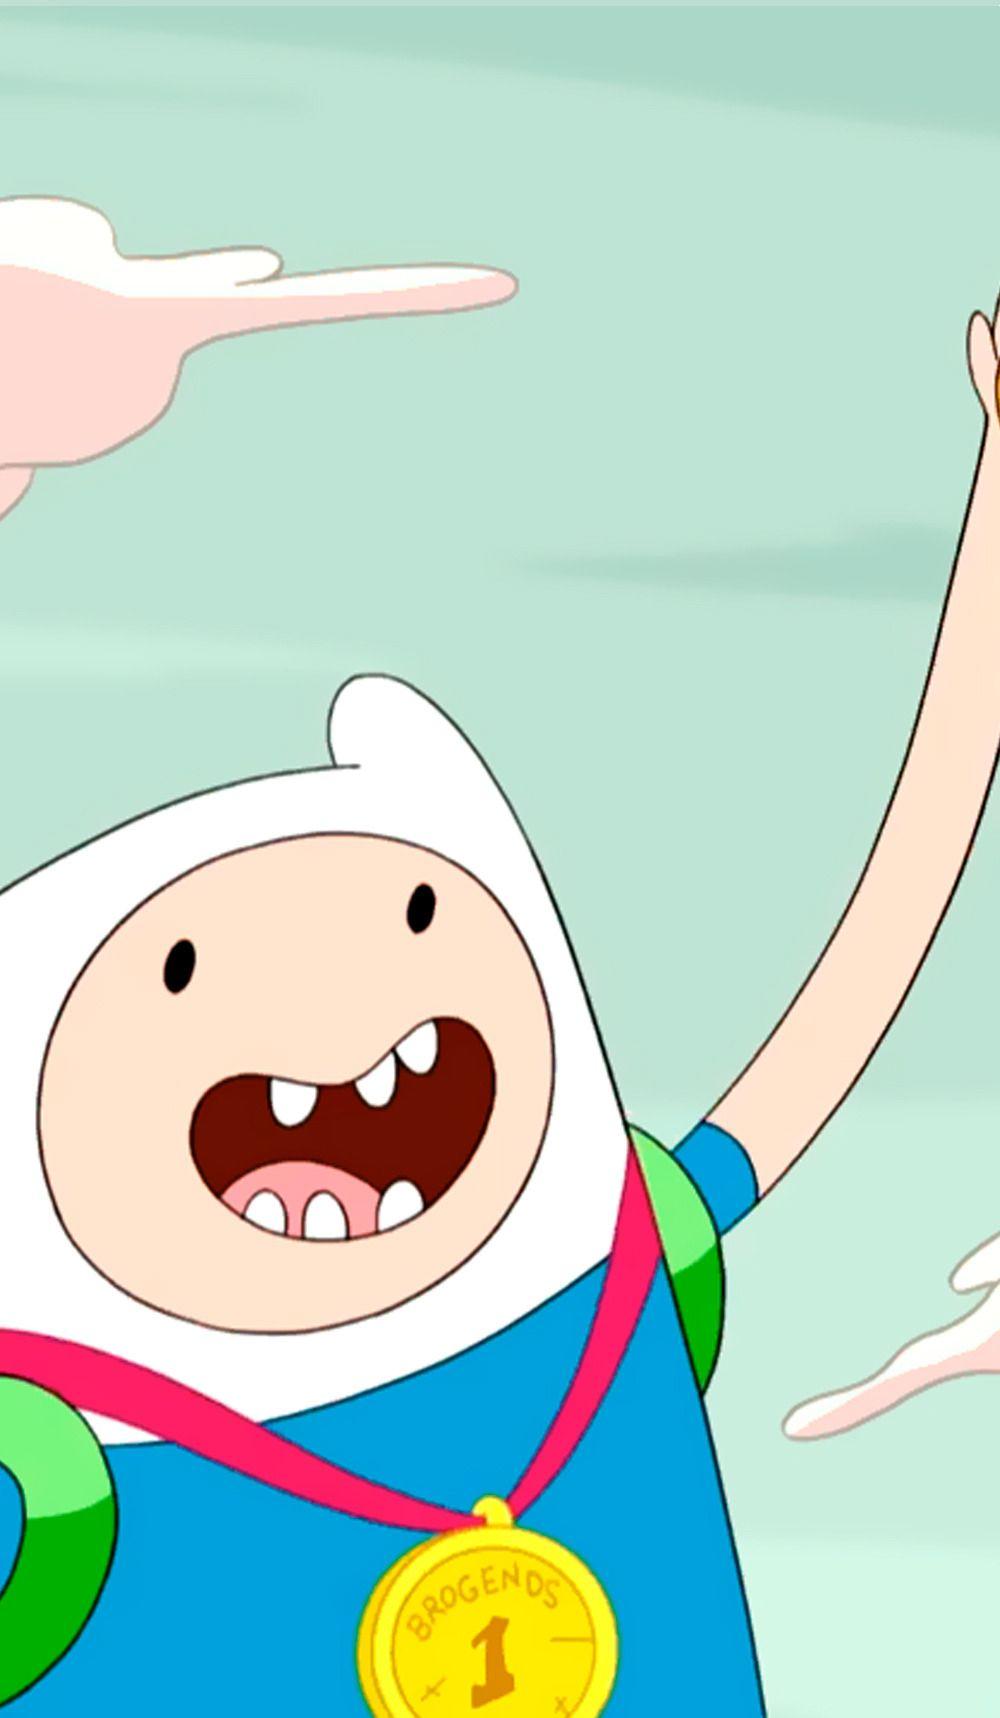 Hora De Aventura Tumblr Adventure Time Wallpaper Adventure Time Episodes Adventure Time